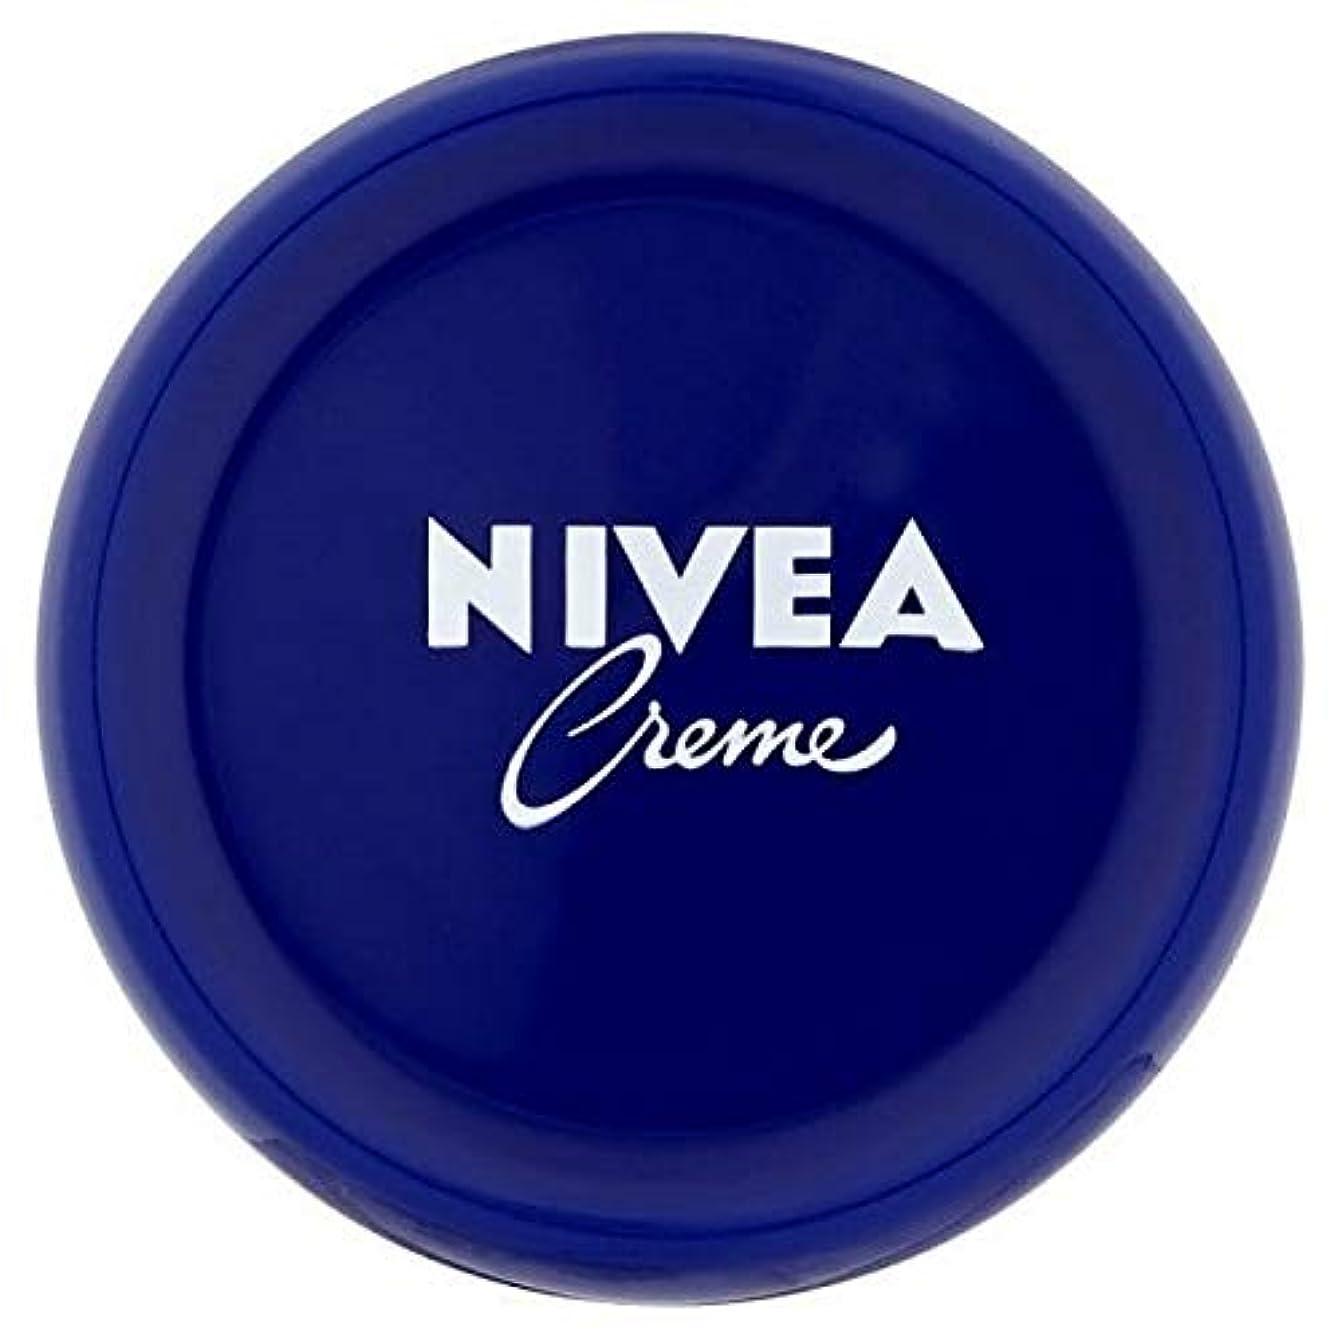 コイル魔女トランスペアレント[Nivea ] ニベアクリーム万能ボディクリーム、50ミリリットル - NIVEA Creme All Purpose Body Cream, 50ml [並行輸入品]